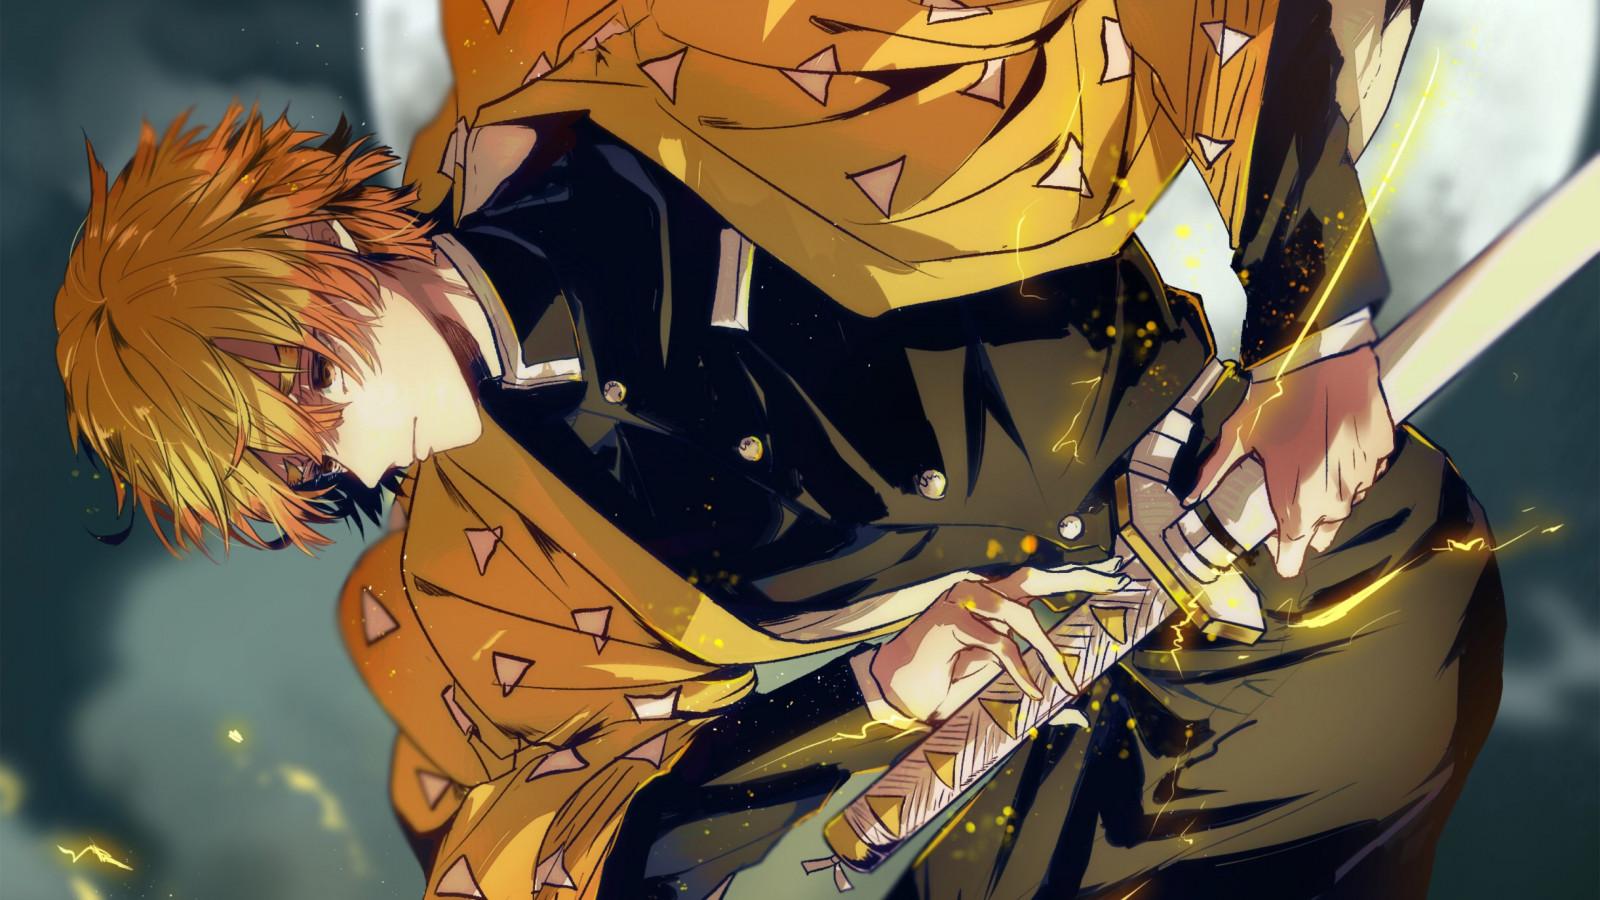 Wallpaper abyss anime demon slayer: Wallpaper : Kimetsu no Yaiba, Zenitsu Agatsuma, anime ...